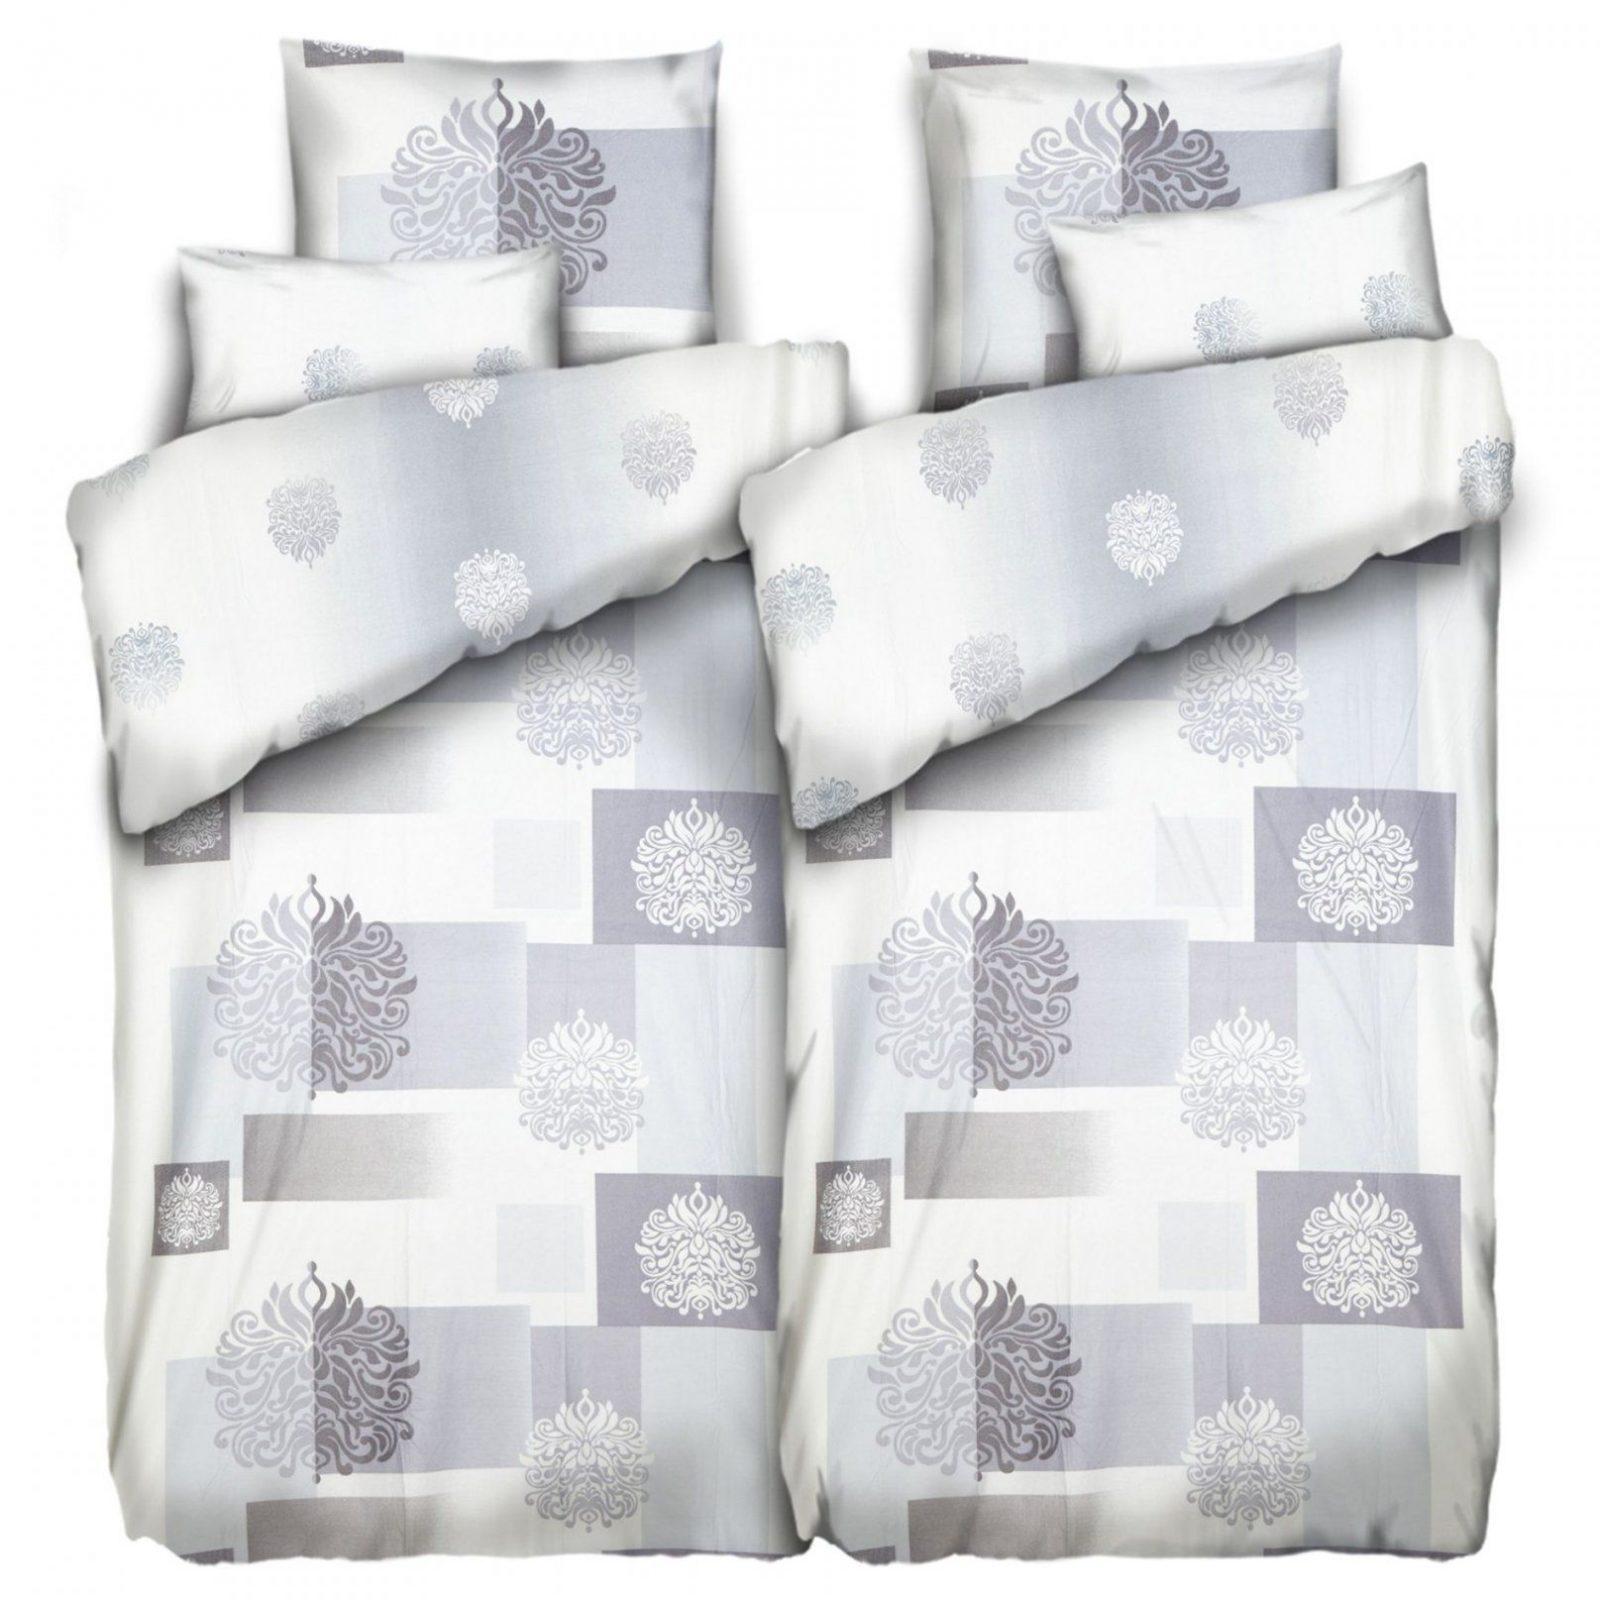 Interessant Bettwäsche In Vielen Designs Online Bestellen — Qvc Für von Qvc Bettwäsche Seersucker Bild